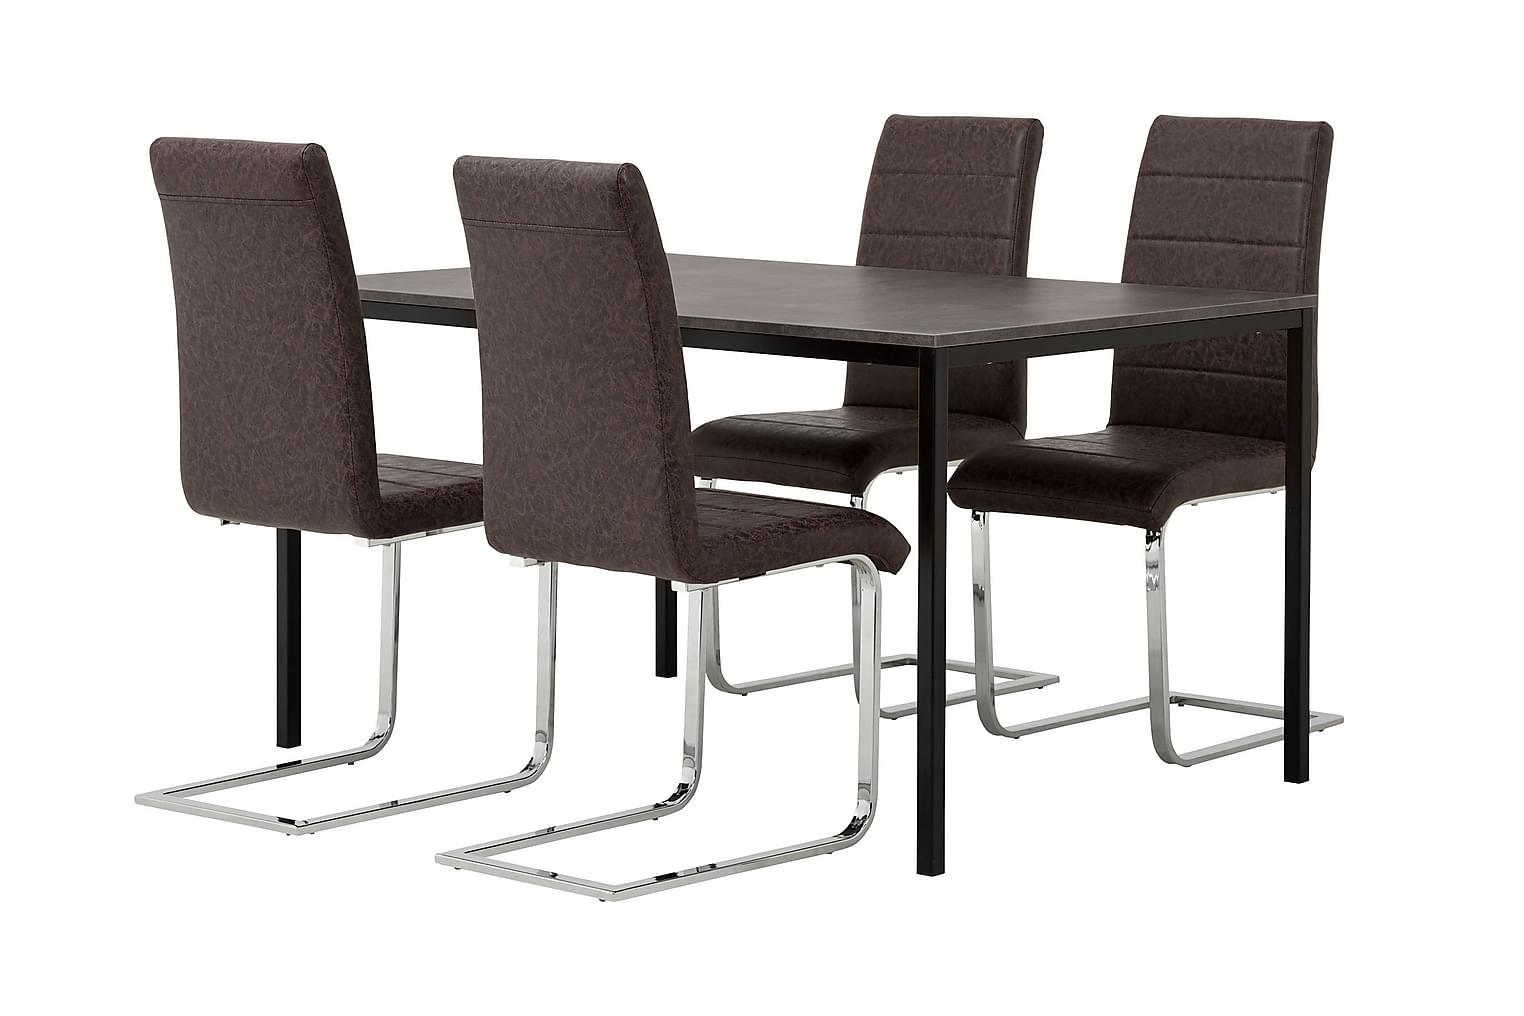 NOOMI Pöytä 138 Harmaa/Musta+ 4 EMÅN Tuolia Tumma antiikki